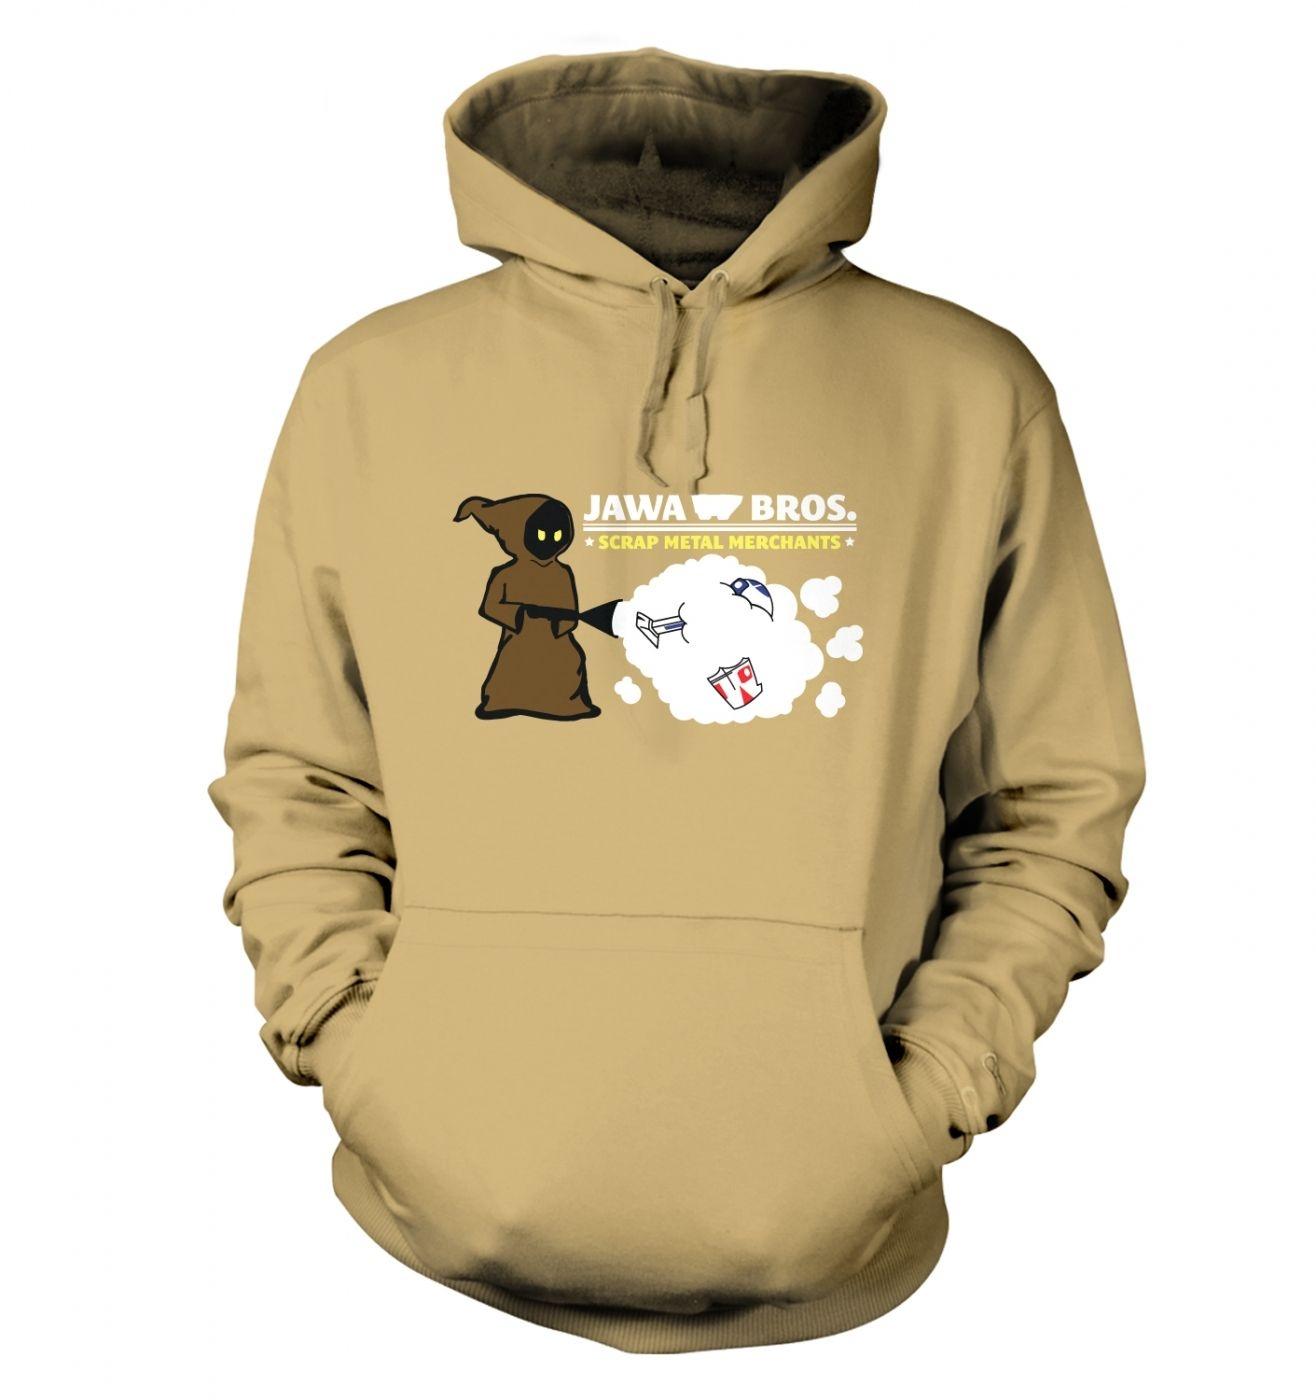 Version 1 - Jawa Bros. Scrap Metal Merchants hoodie - Inspired by Star Wars